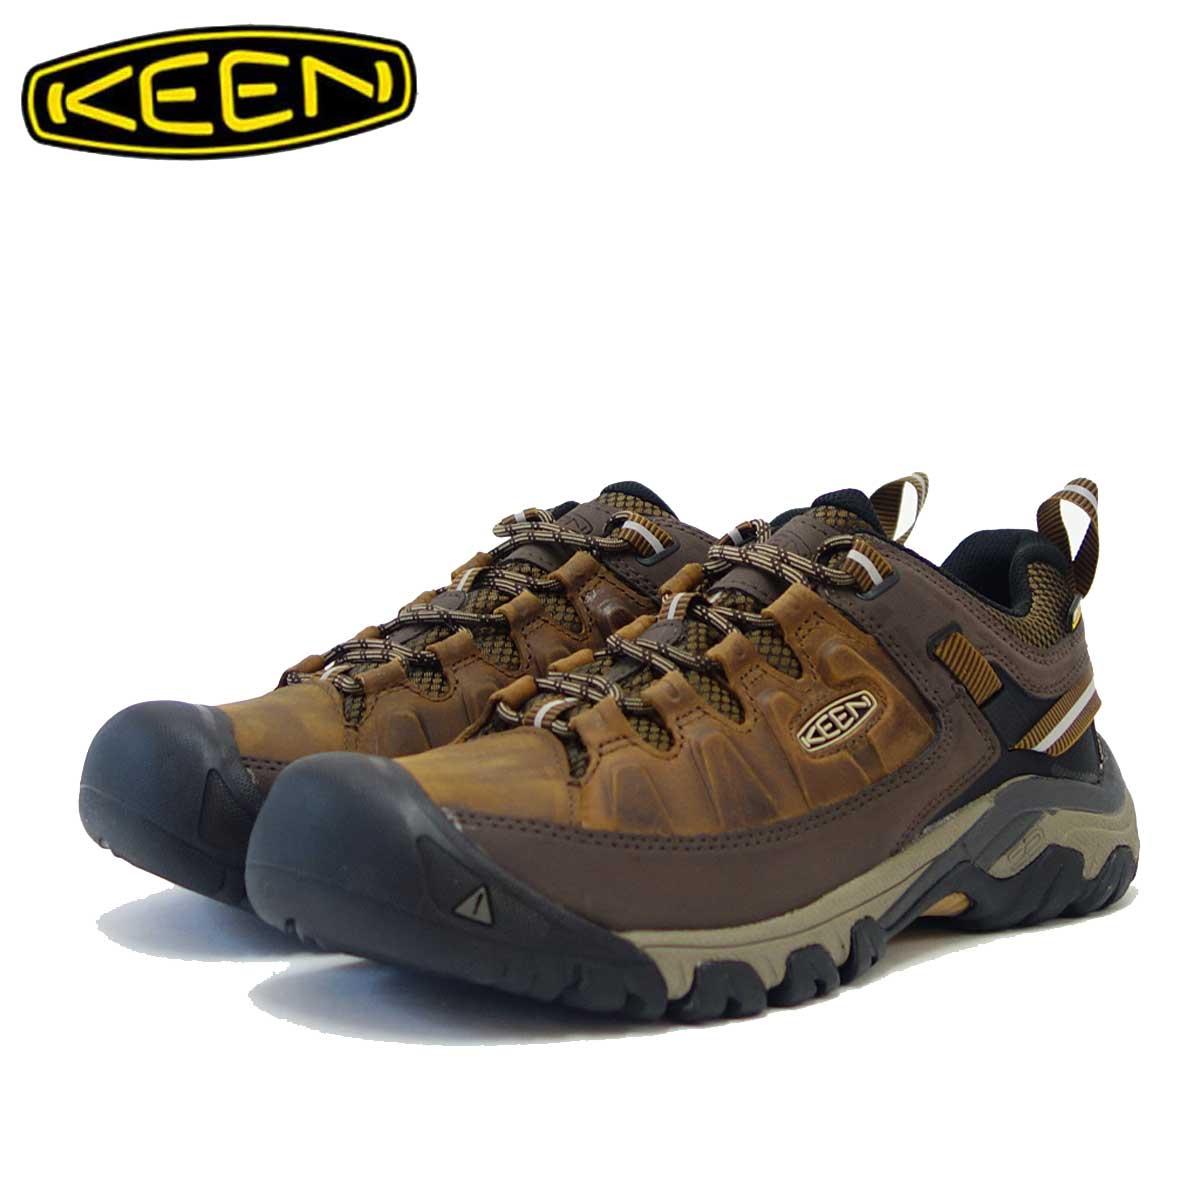 KEEN キーン TARGHEE III ターギー3 WP  1018568(メンズ)カラー:Big Ben / Golden Brown 「靴」